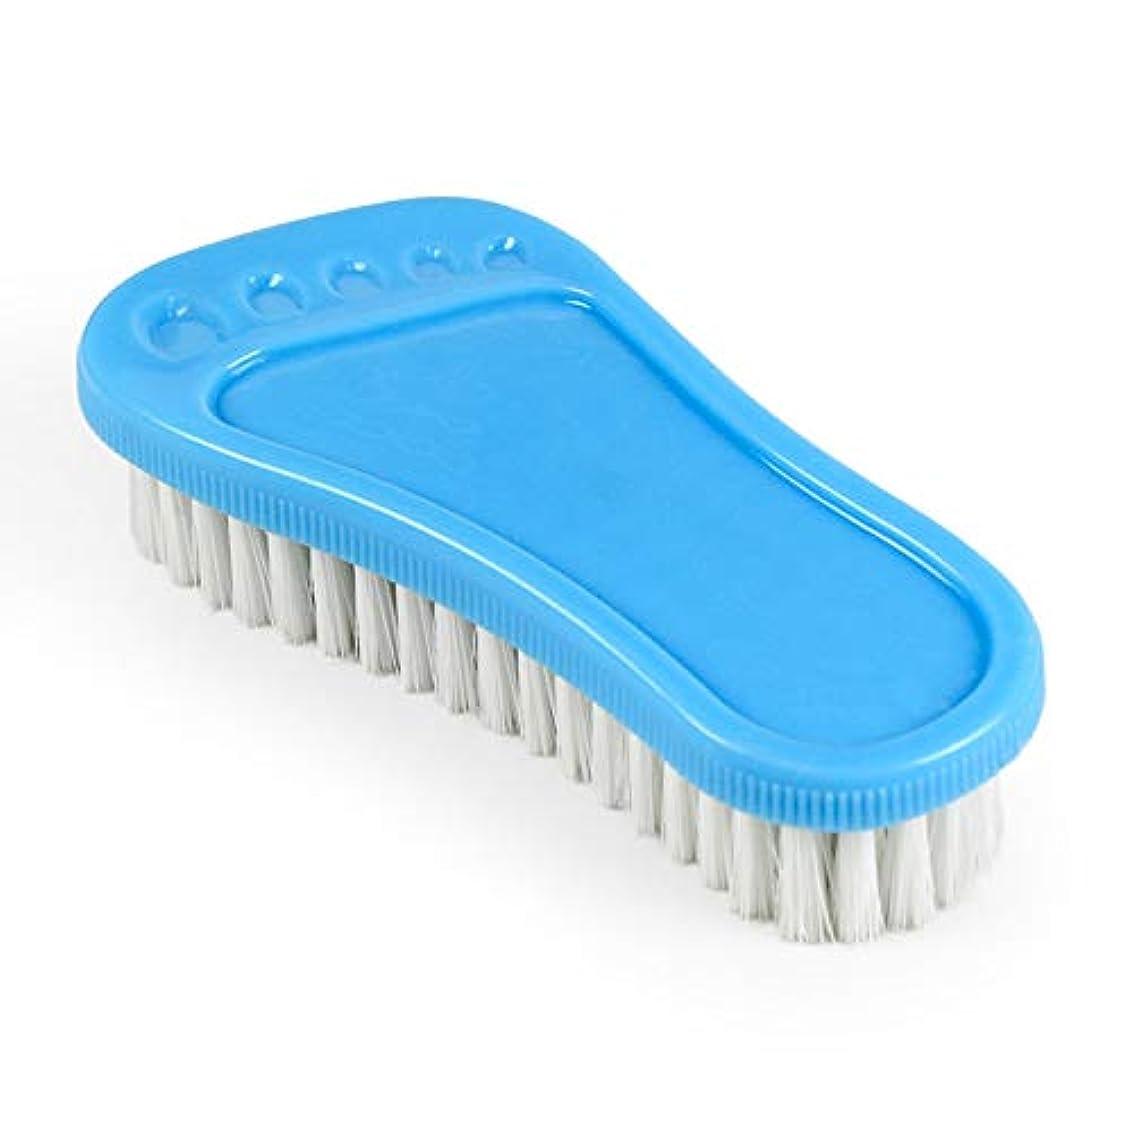 トラフィック申請中邪魔するポアクリーニング 小さな足首プラスチックの柔らかい髪多目的靴のブラシ洗面器のブラシのクリーニングブラシバスのブラシ2 PCS マッサージブラシ